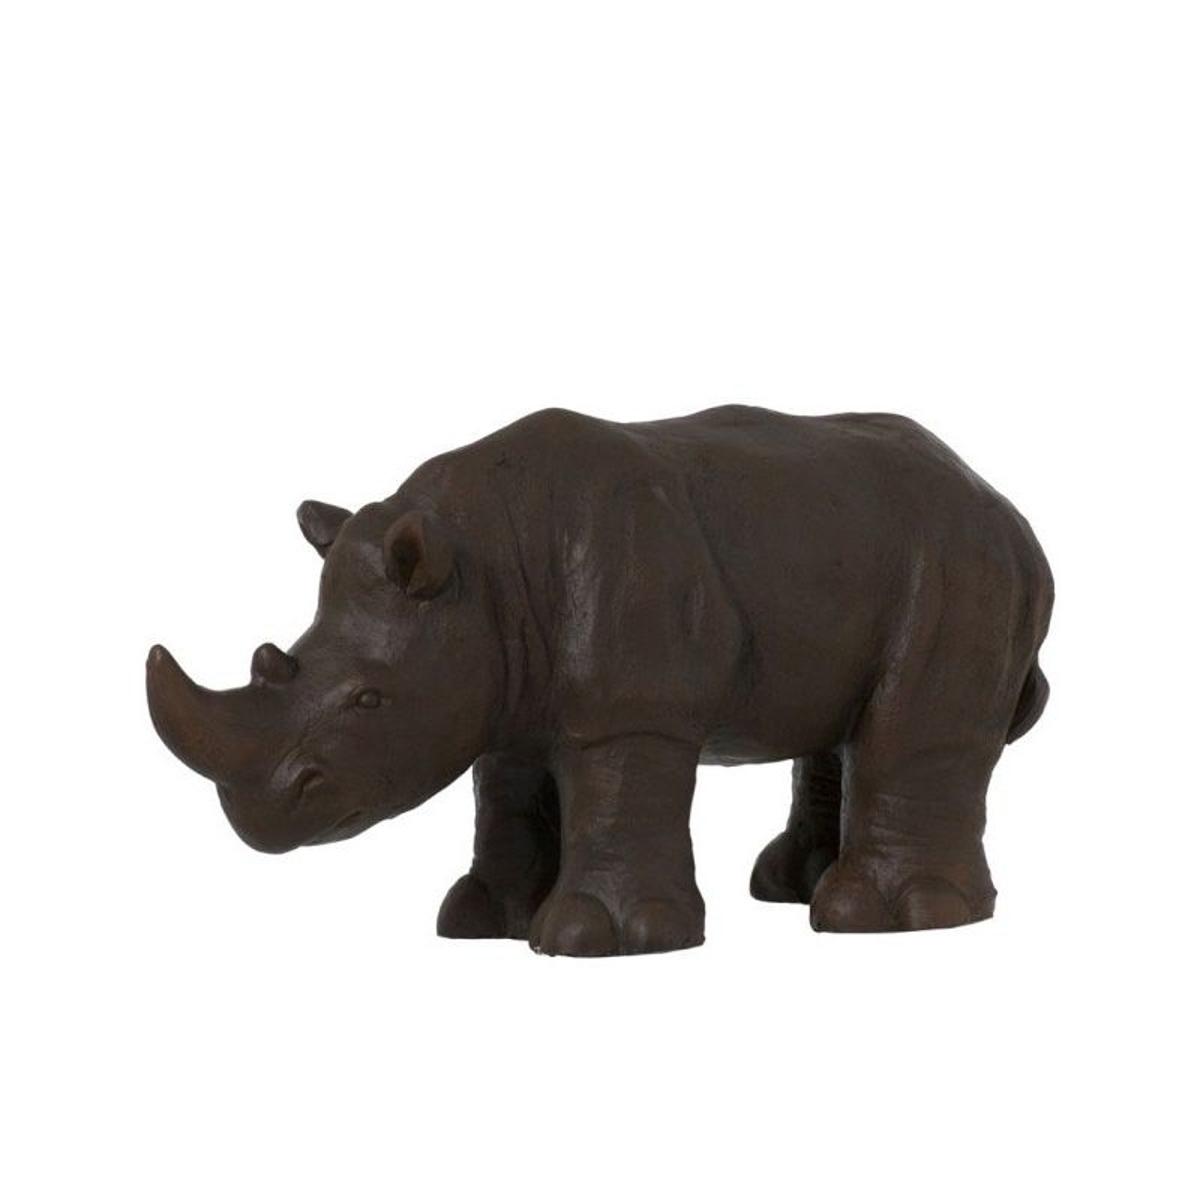 Rhinocéros Décoratif en Résine Marron Déco Ethnique